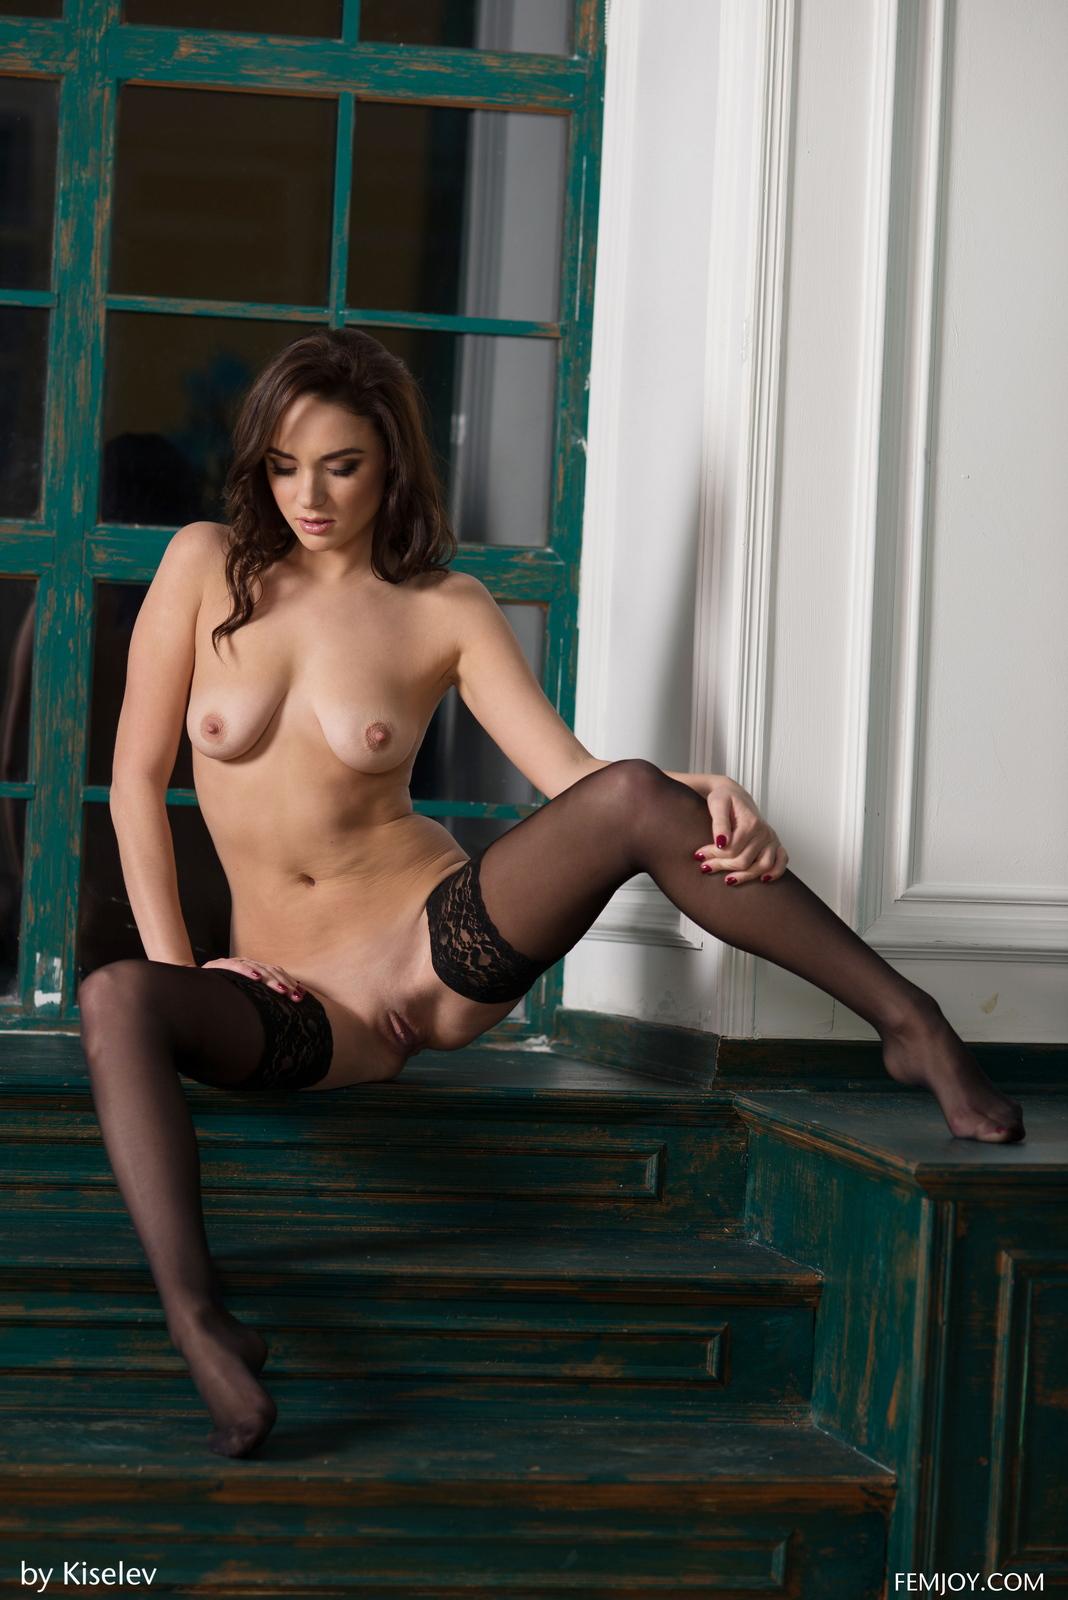 nika-a-nude-black-stockings-armchair-femjoy-18